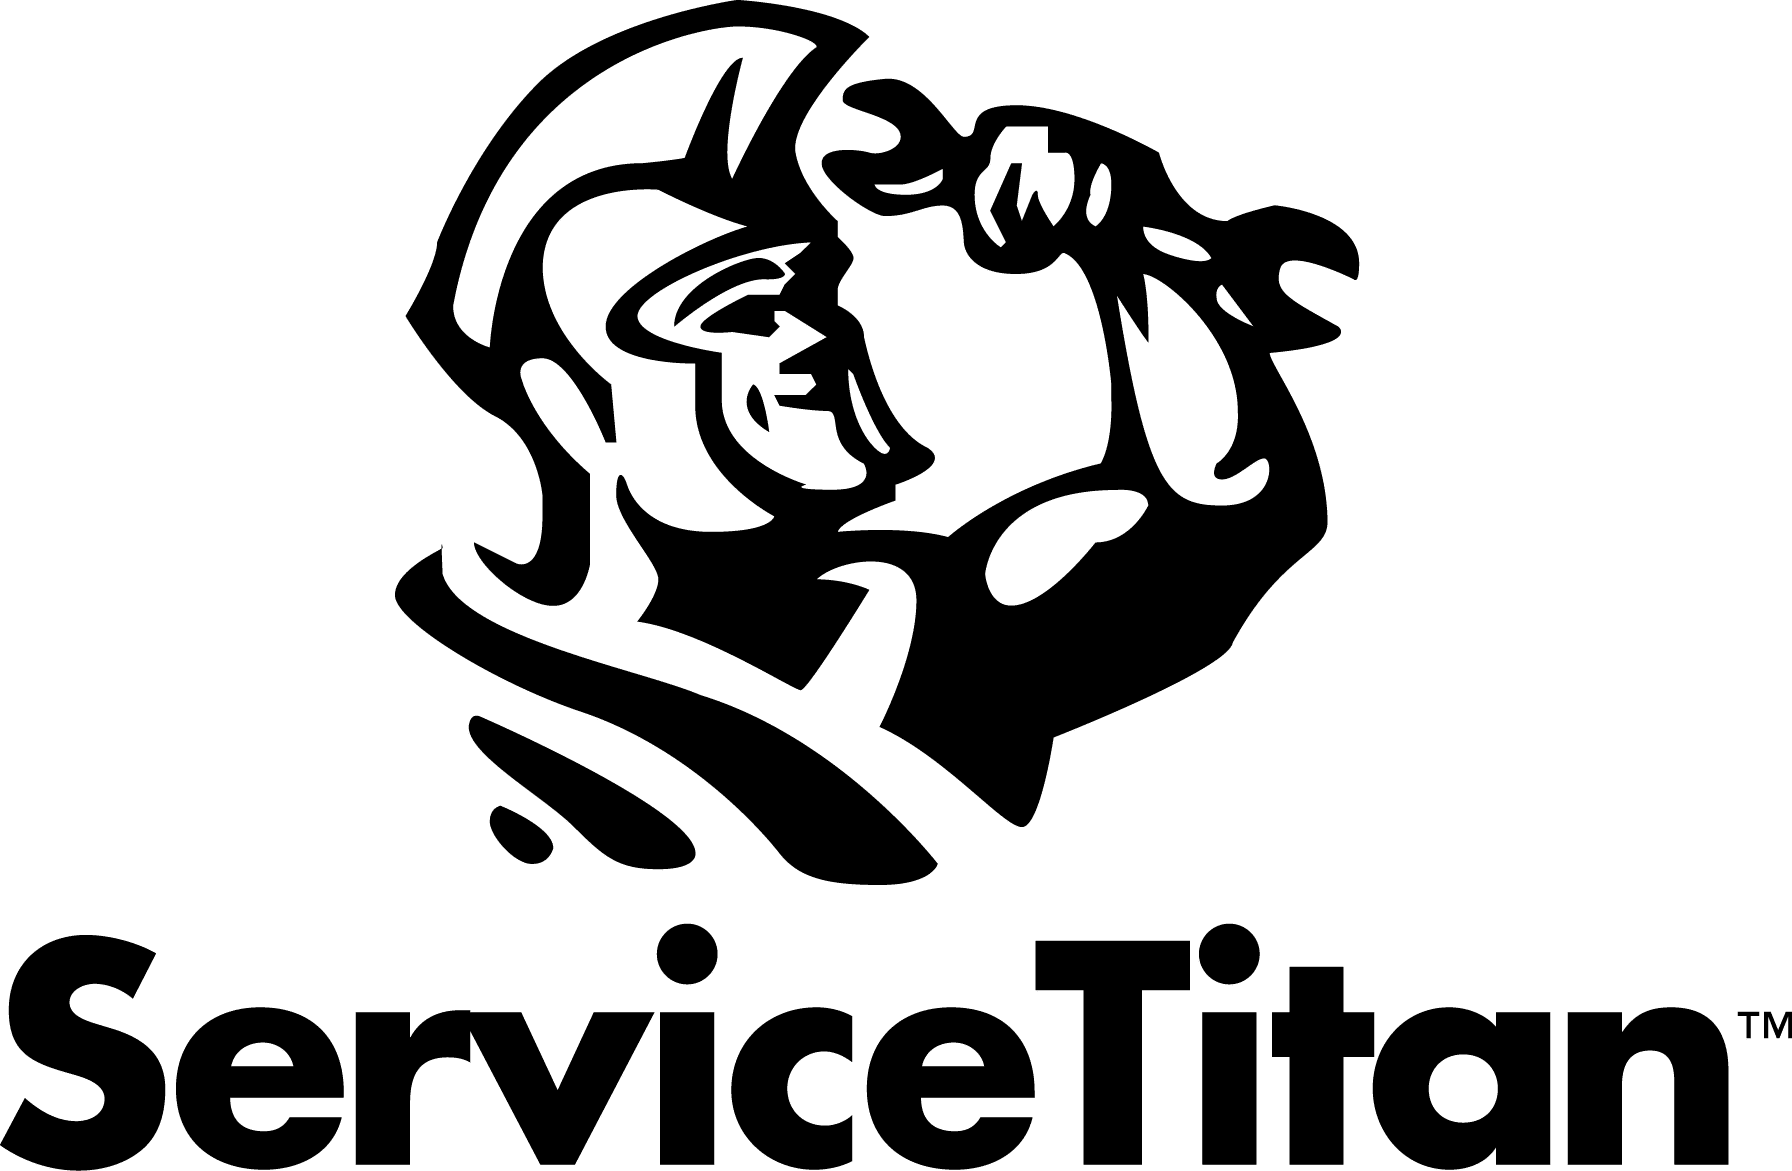 Servicetitan, Inc.